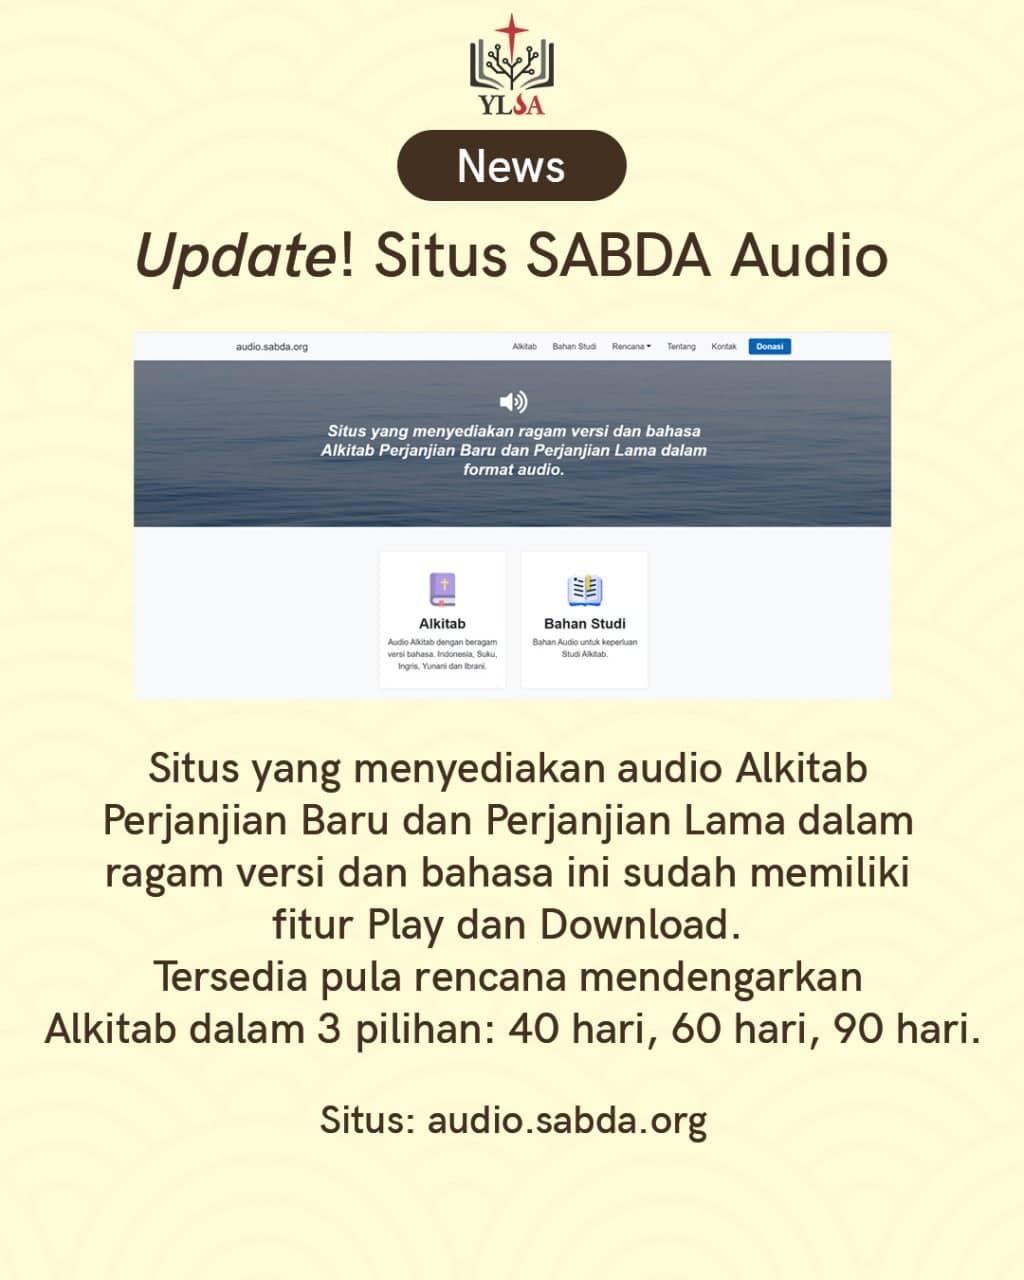 Situs yang menyediakan audio Alkitab Perjanjian Baru dan Perjanjian Lama dalam ragam versi dan bahasa.